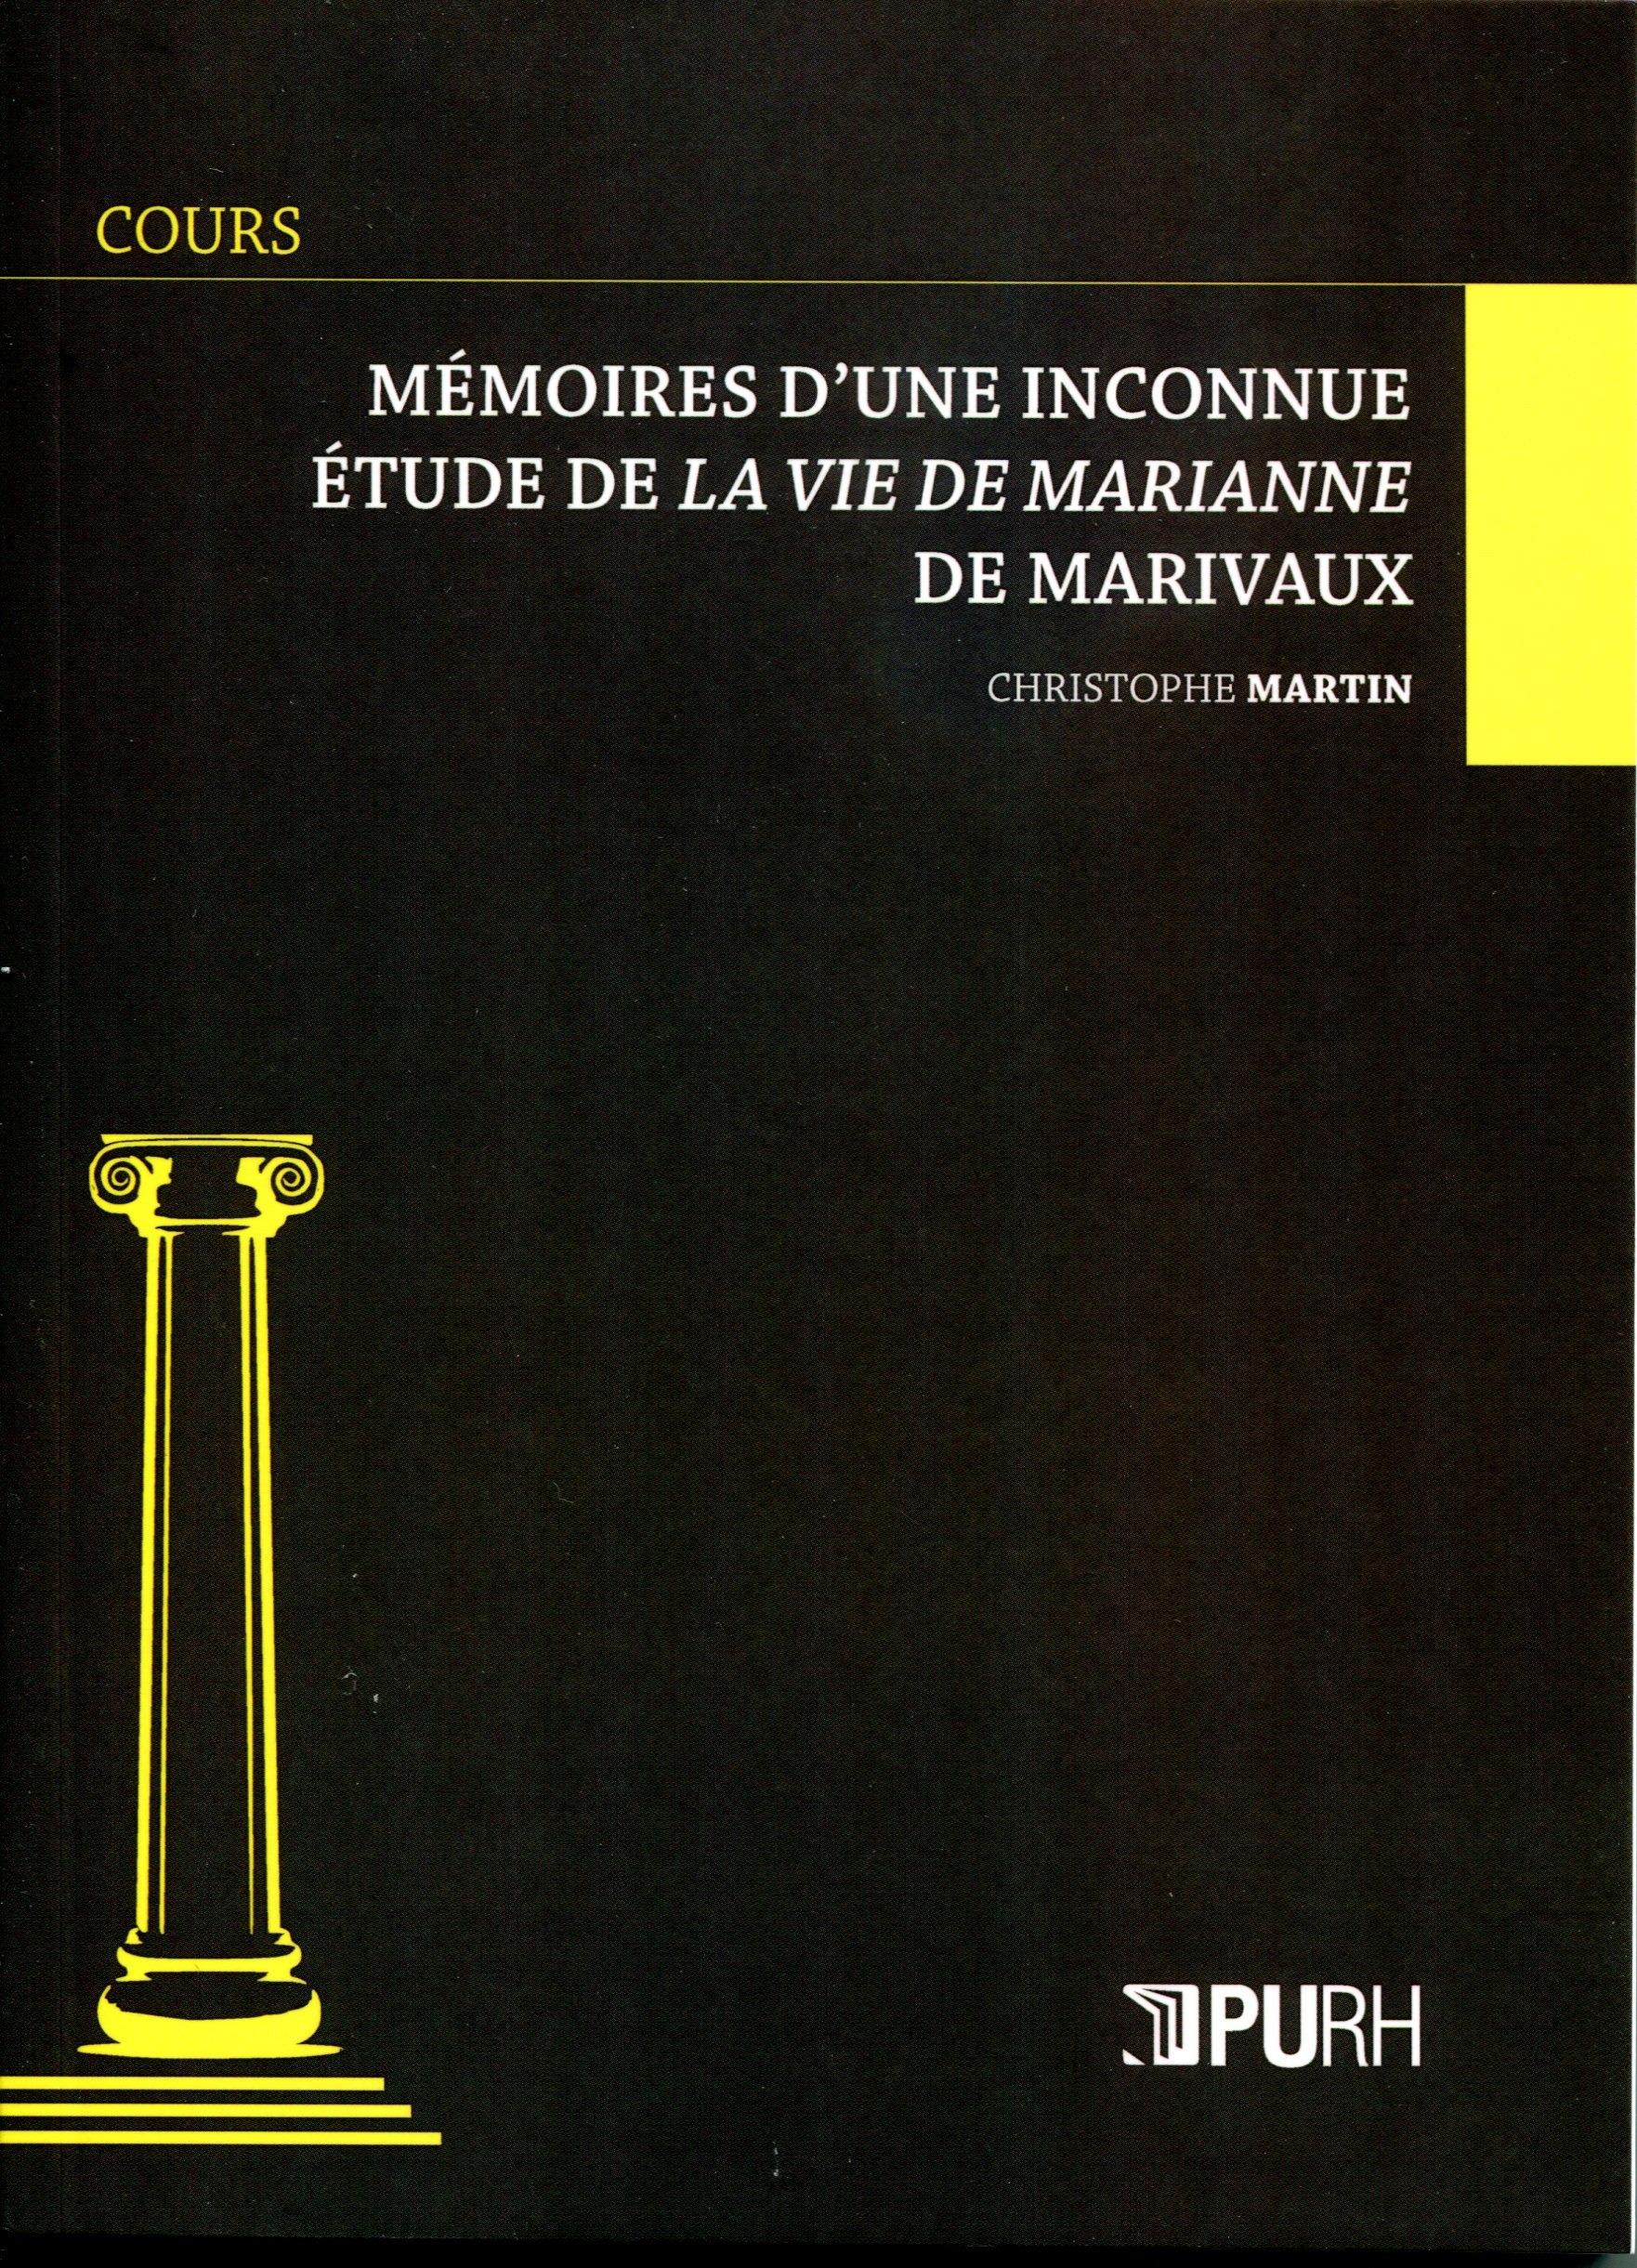 Memoires d'une inconnue - etude de